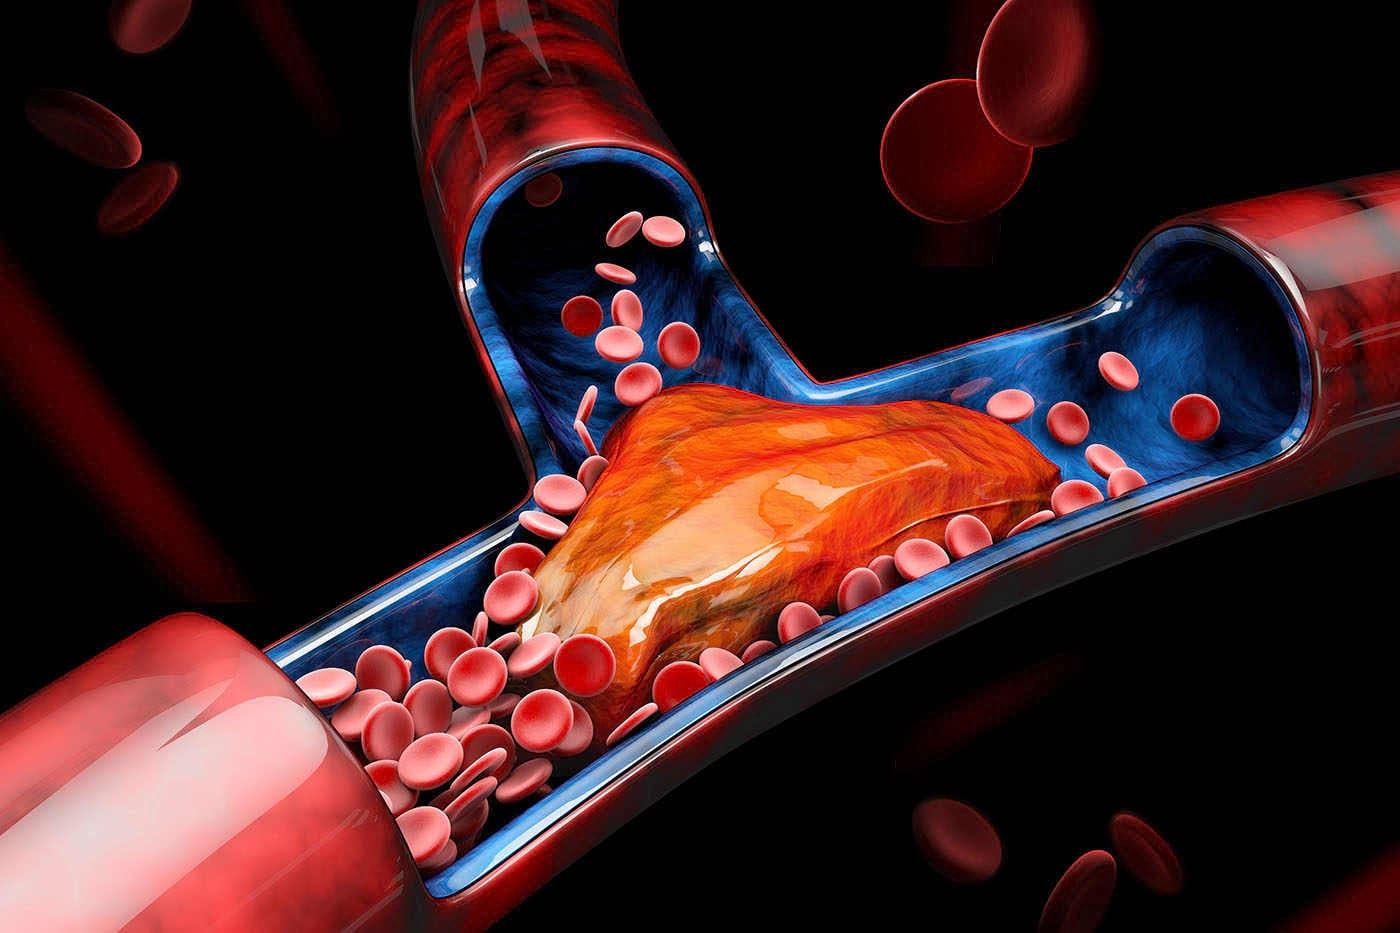 Nou tratament potențial pentru tromboză, descoperit accidental